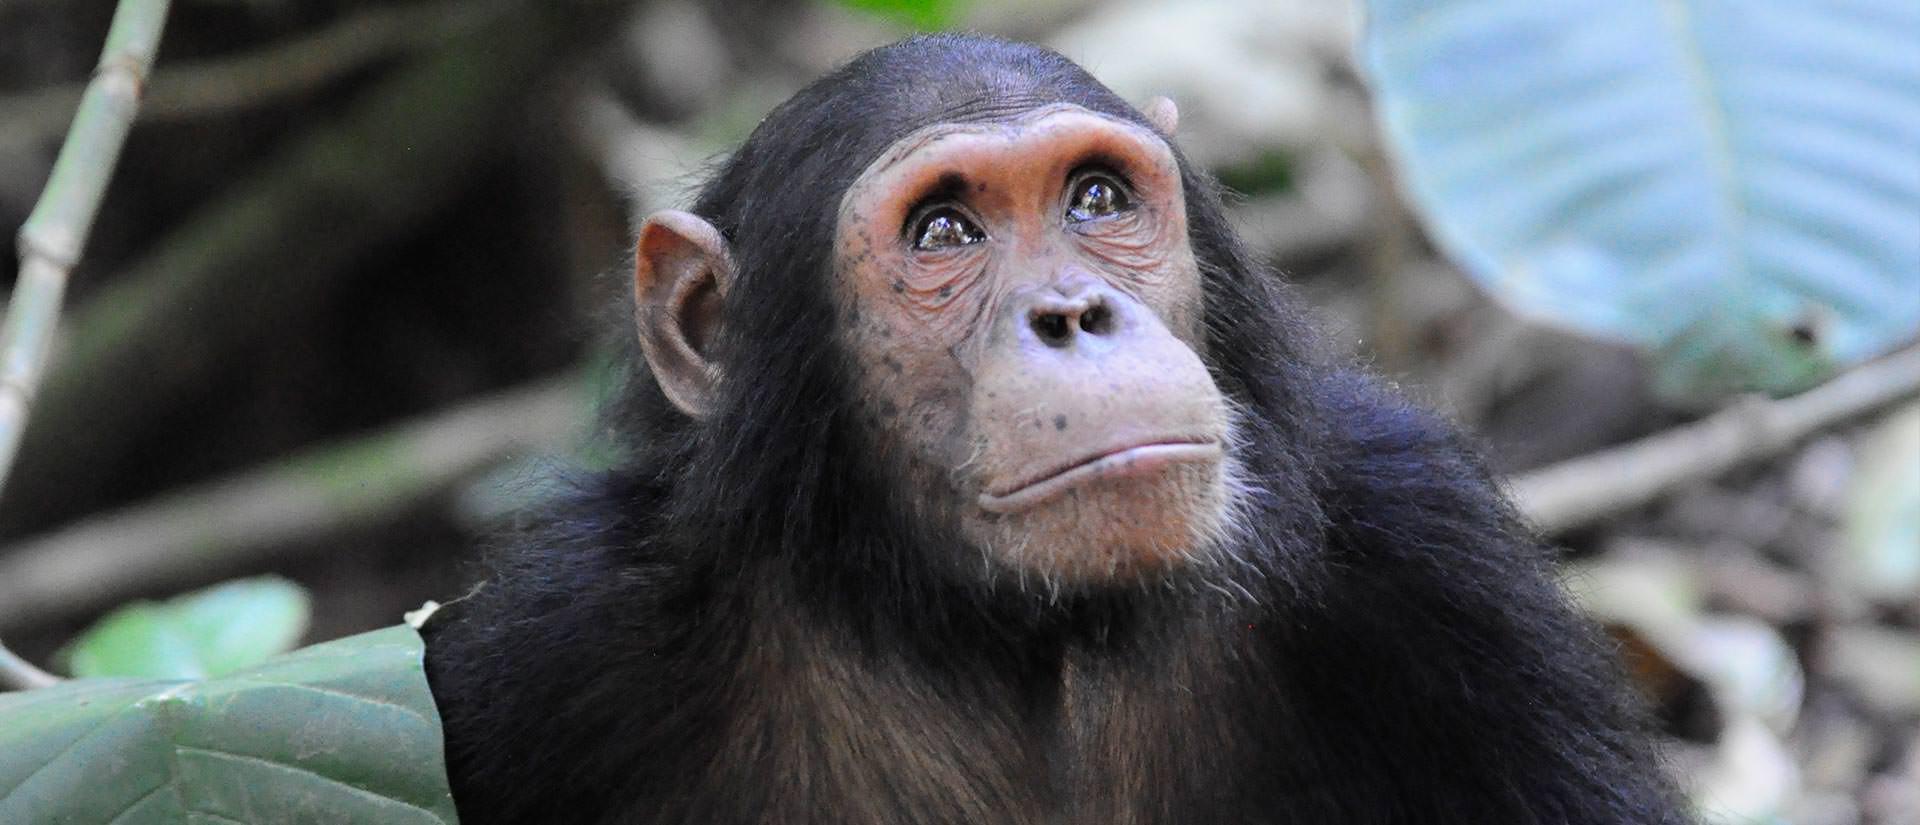 לחיות עם השימפנזים - עשר עובדות מעניינות על ג'יין גודול